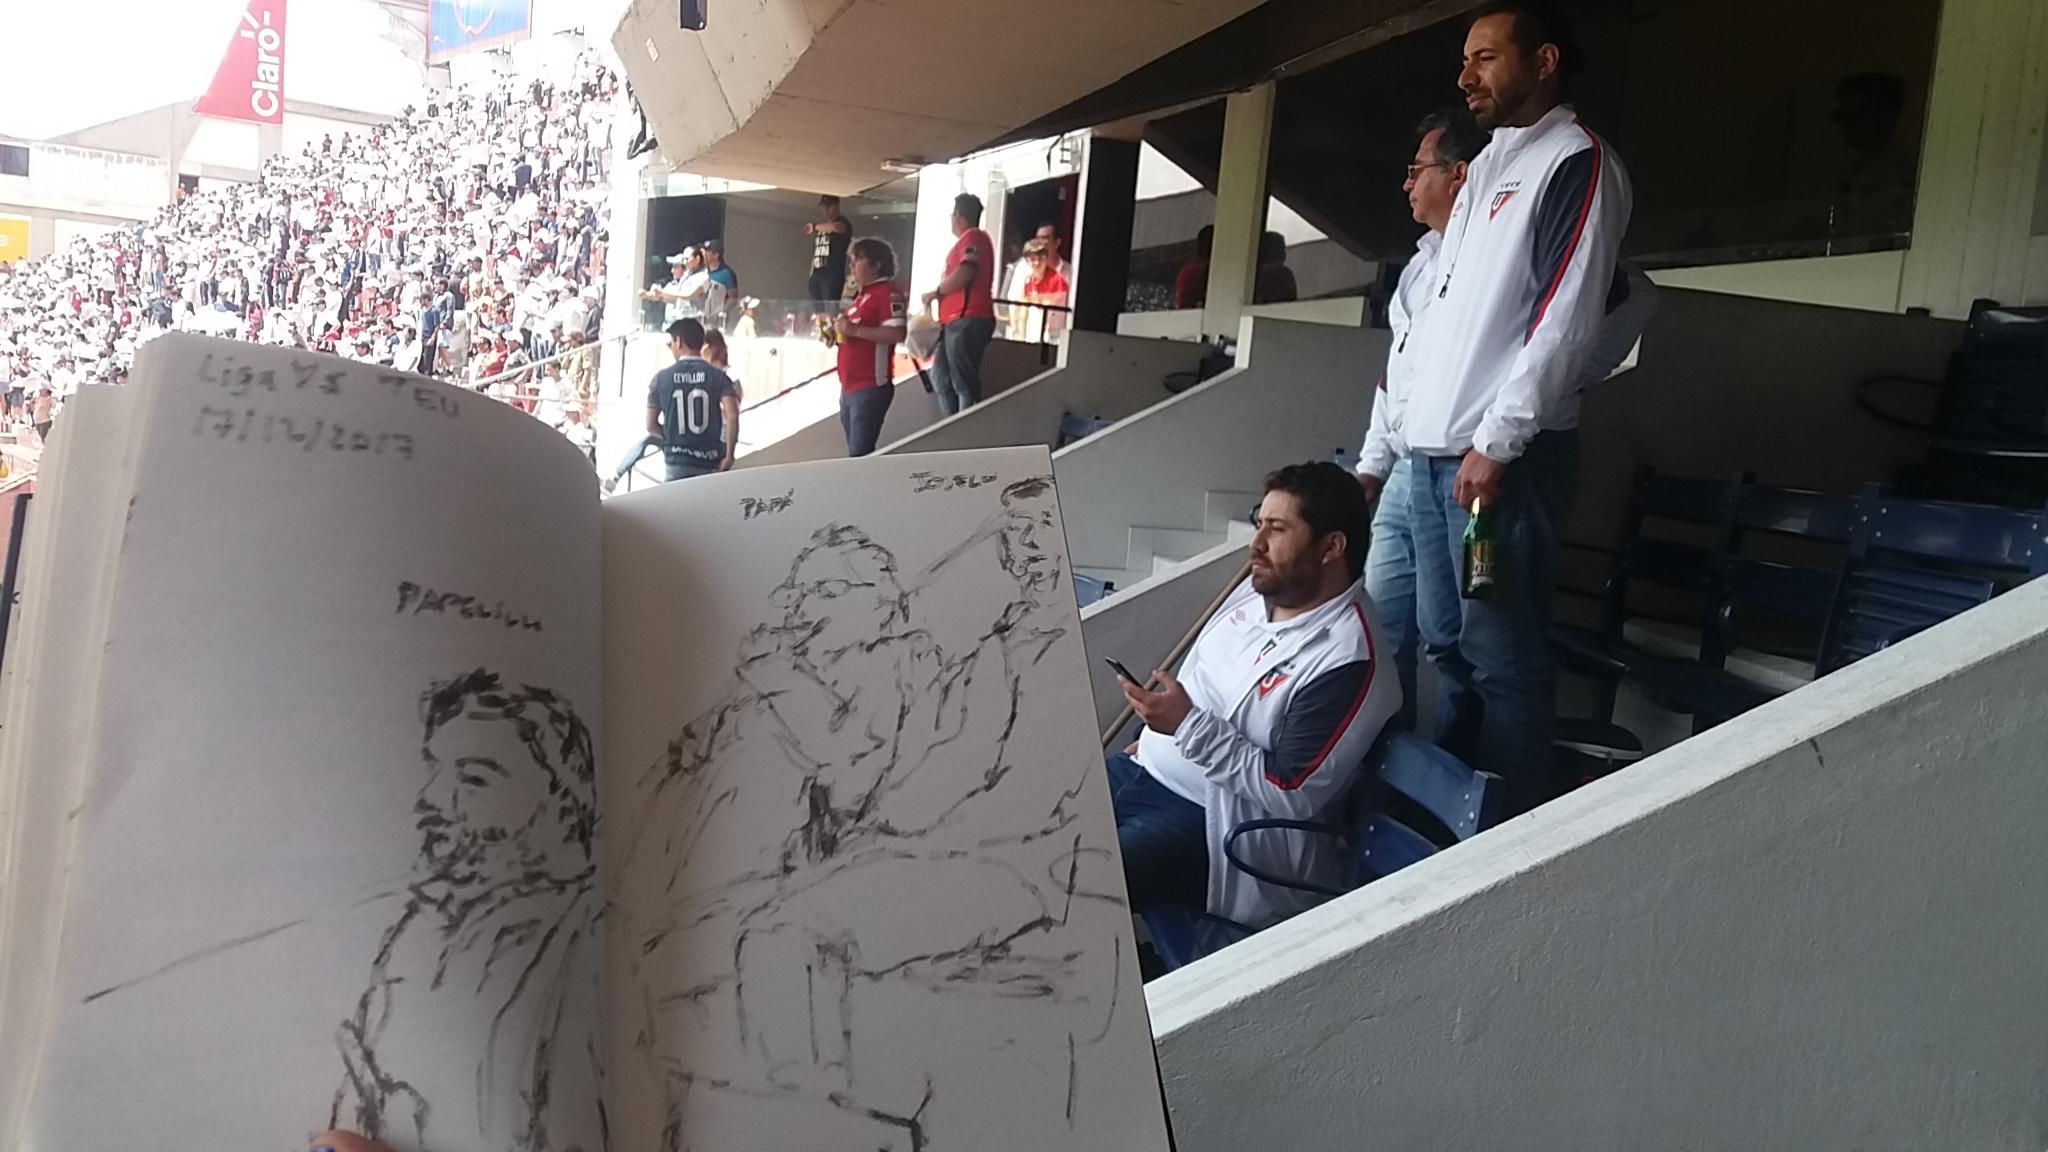 Mi papá y mis hermanos en el estadio de Liga /  My dad and my brothers in the stadium of Liga